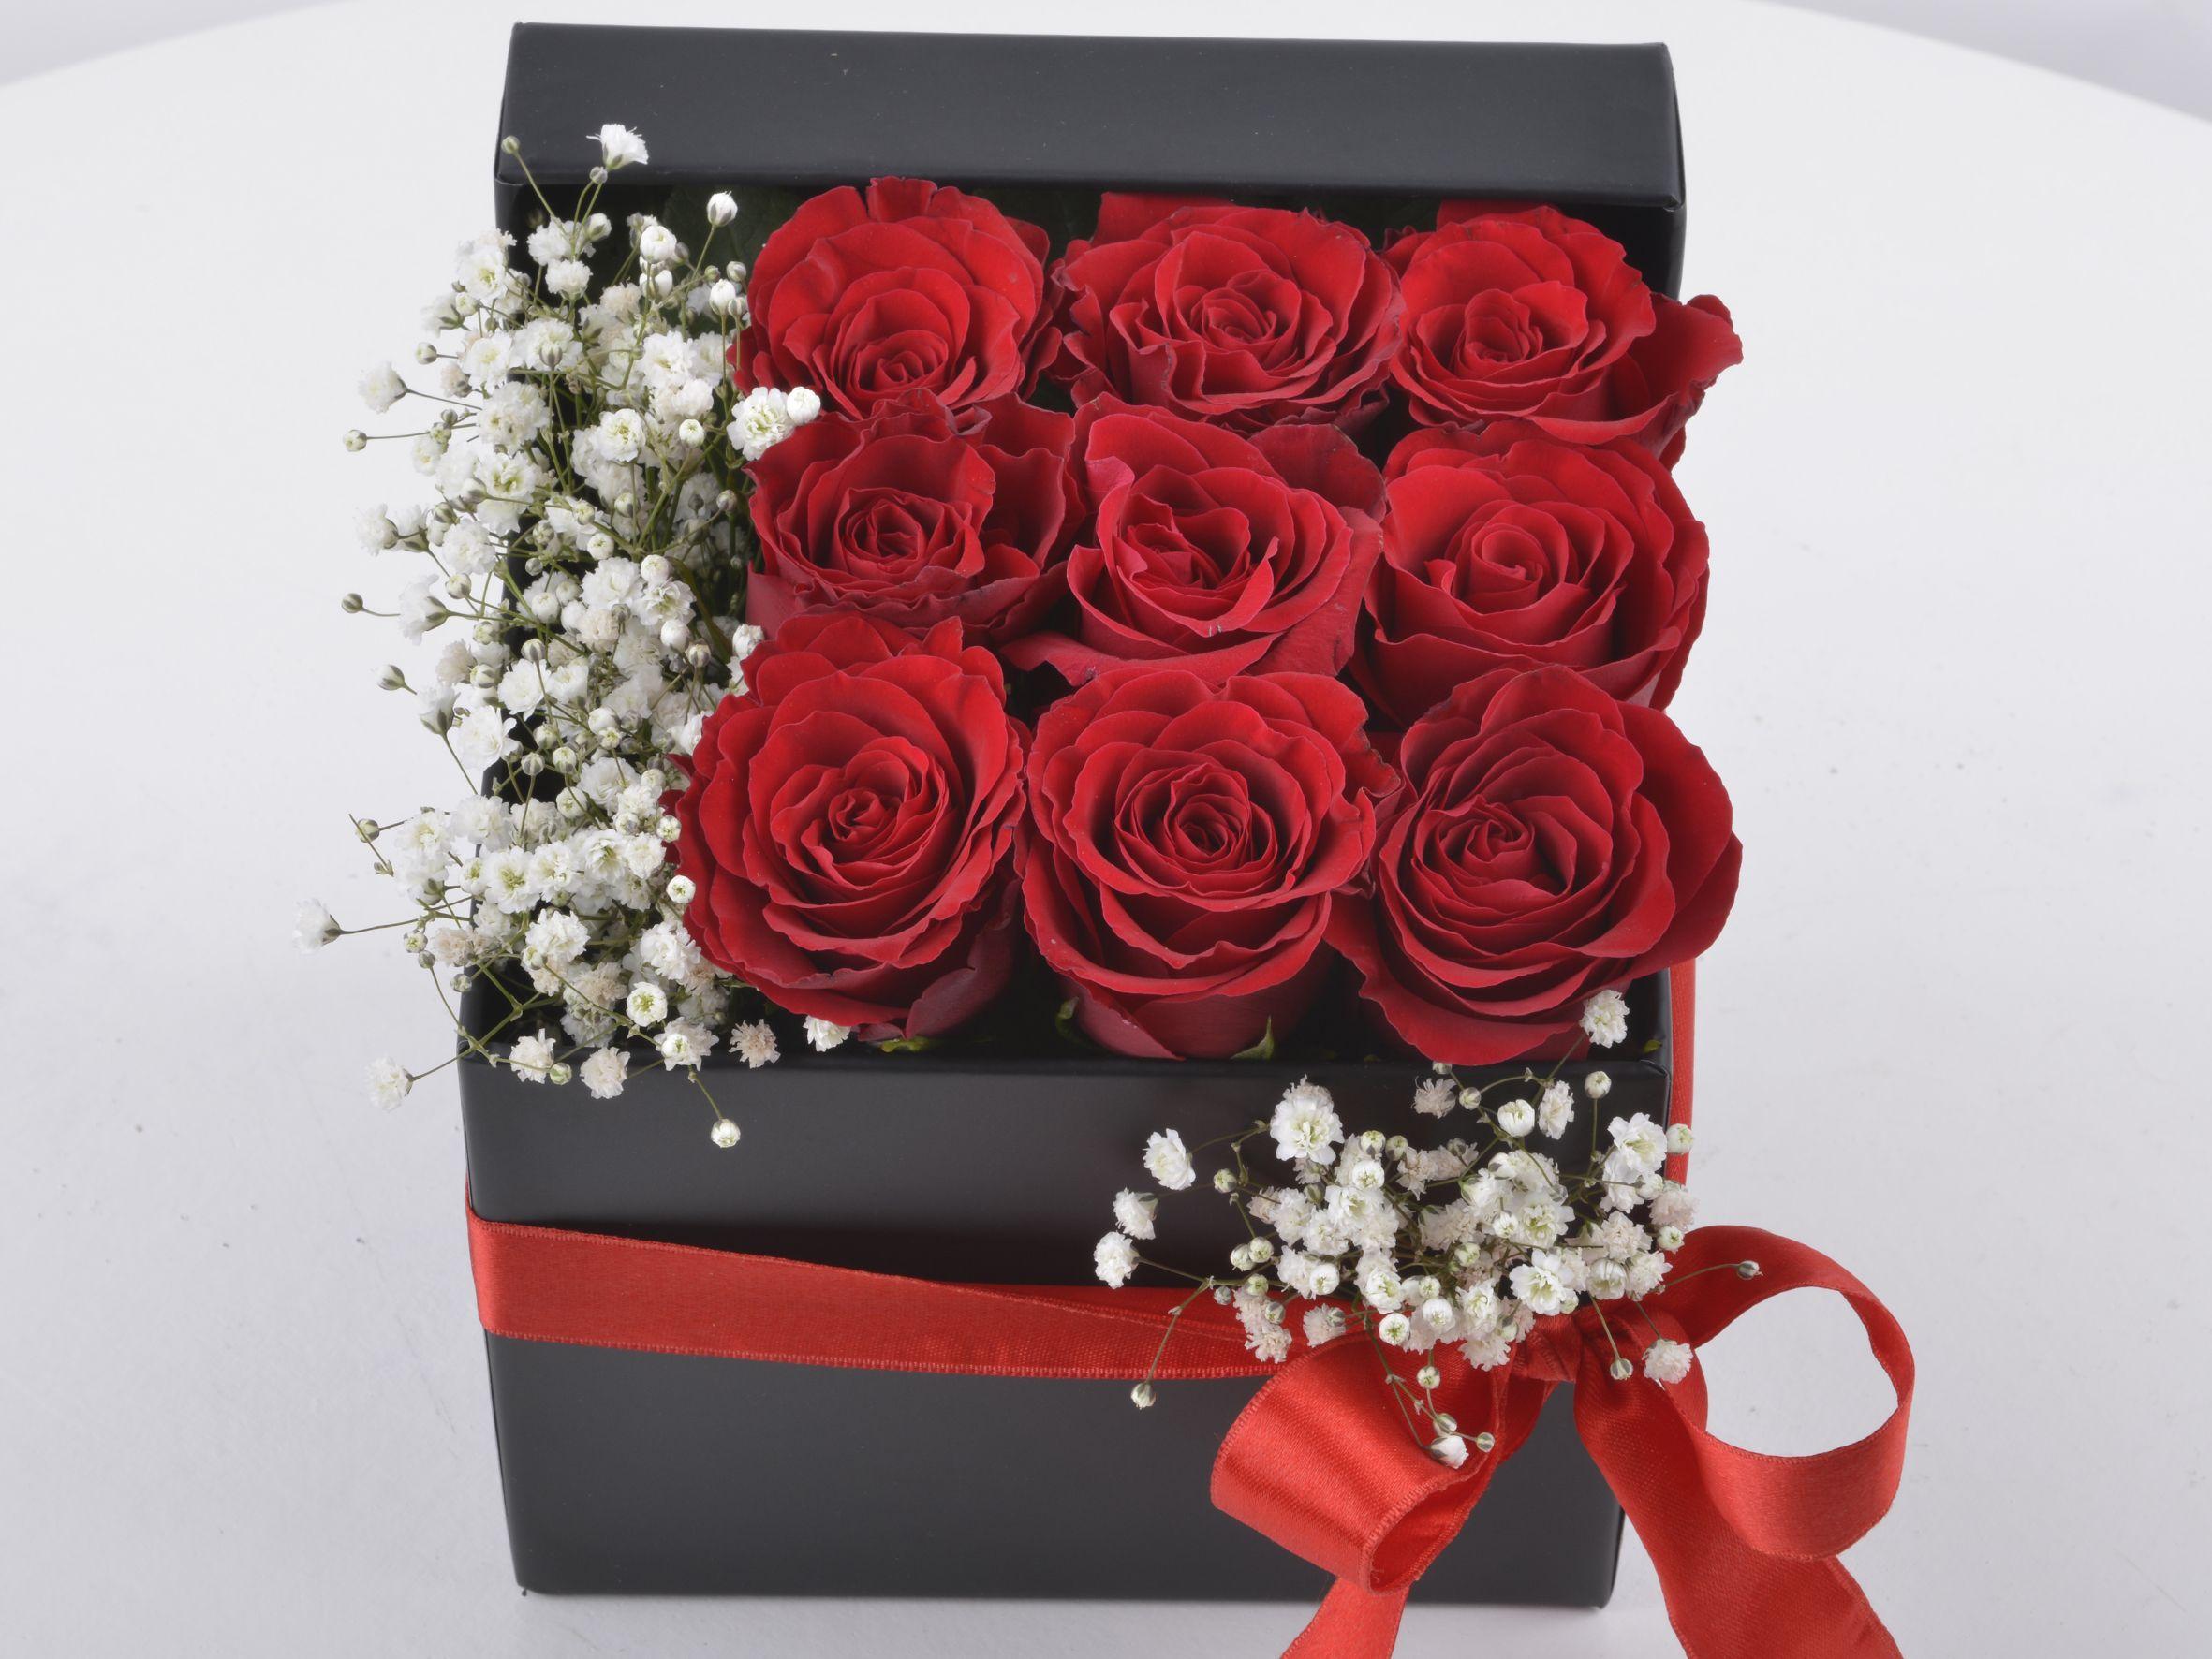 Seni Çok Seviyorum Hediyelik Kutuda Kırmızı Güller Kutuda Aranjmanlar çiçek gönder